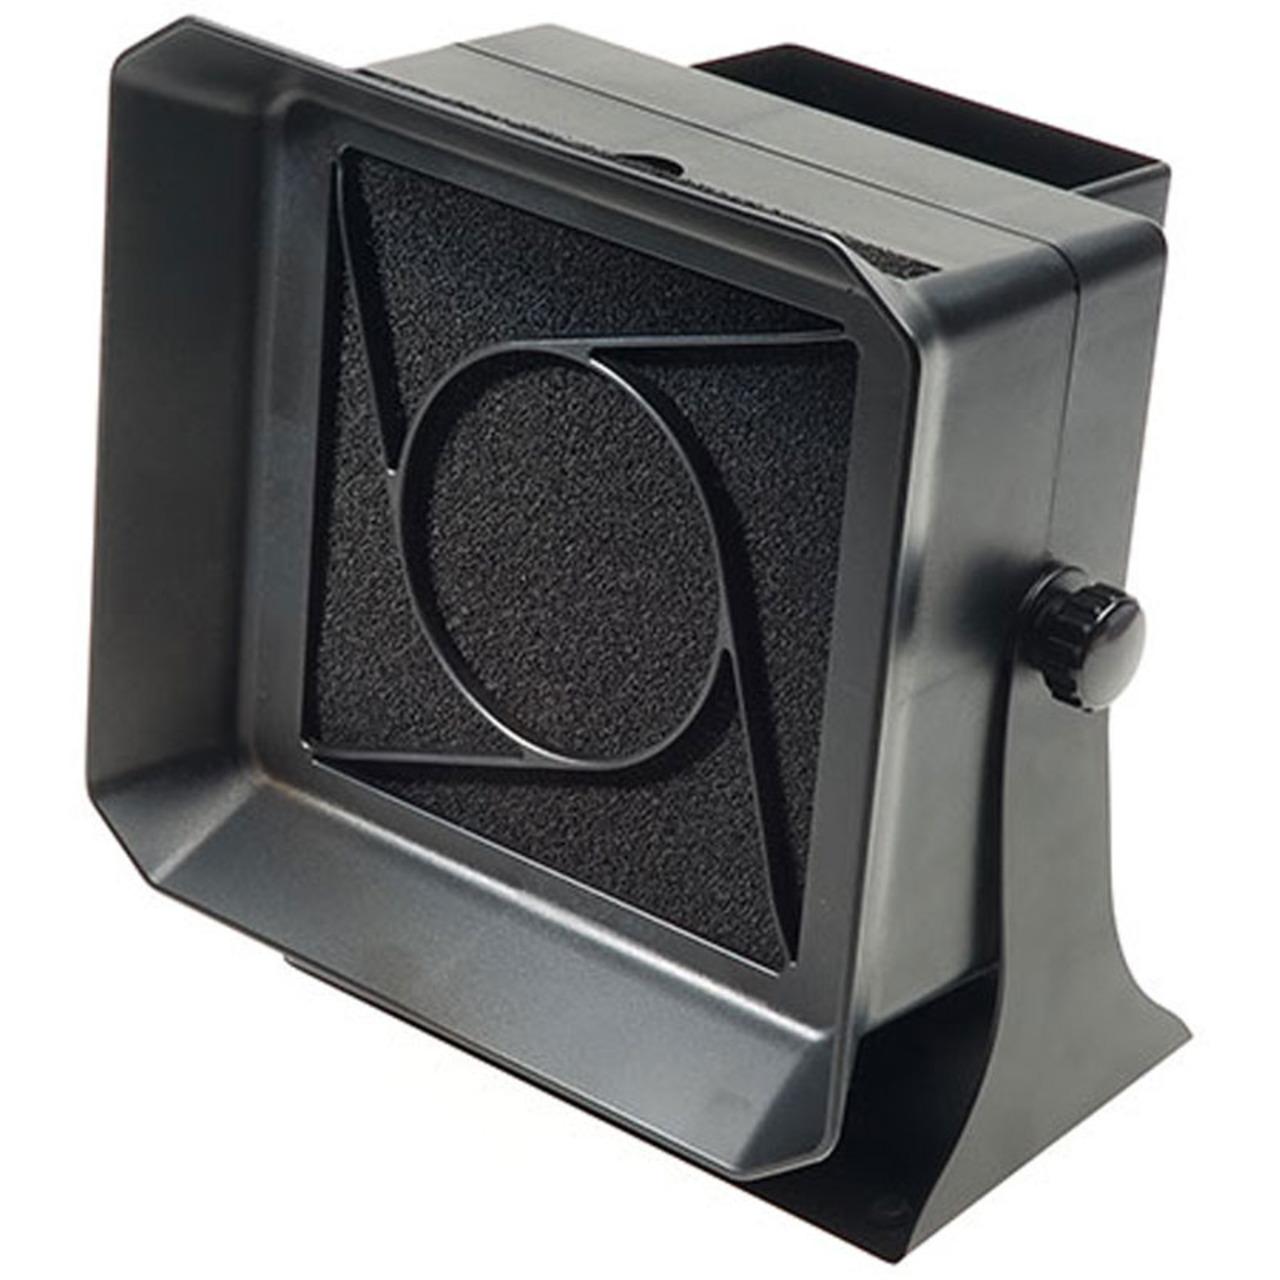 ELV Lötrauch-Absauggerät inkl- 3 Filter